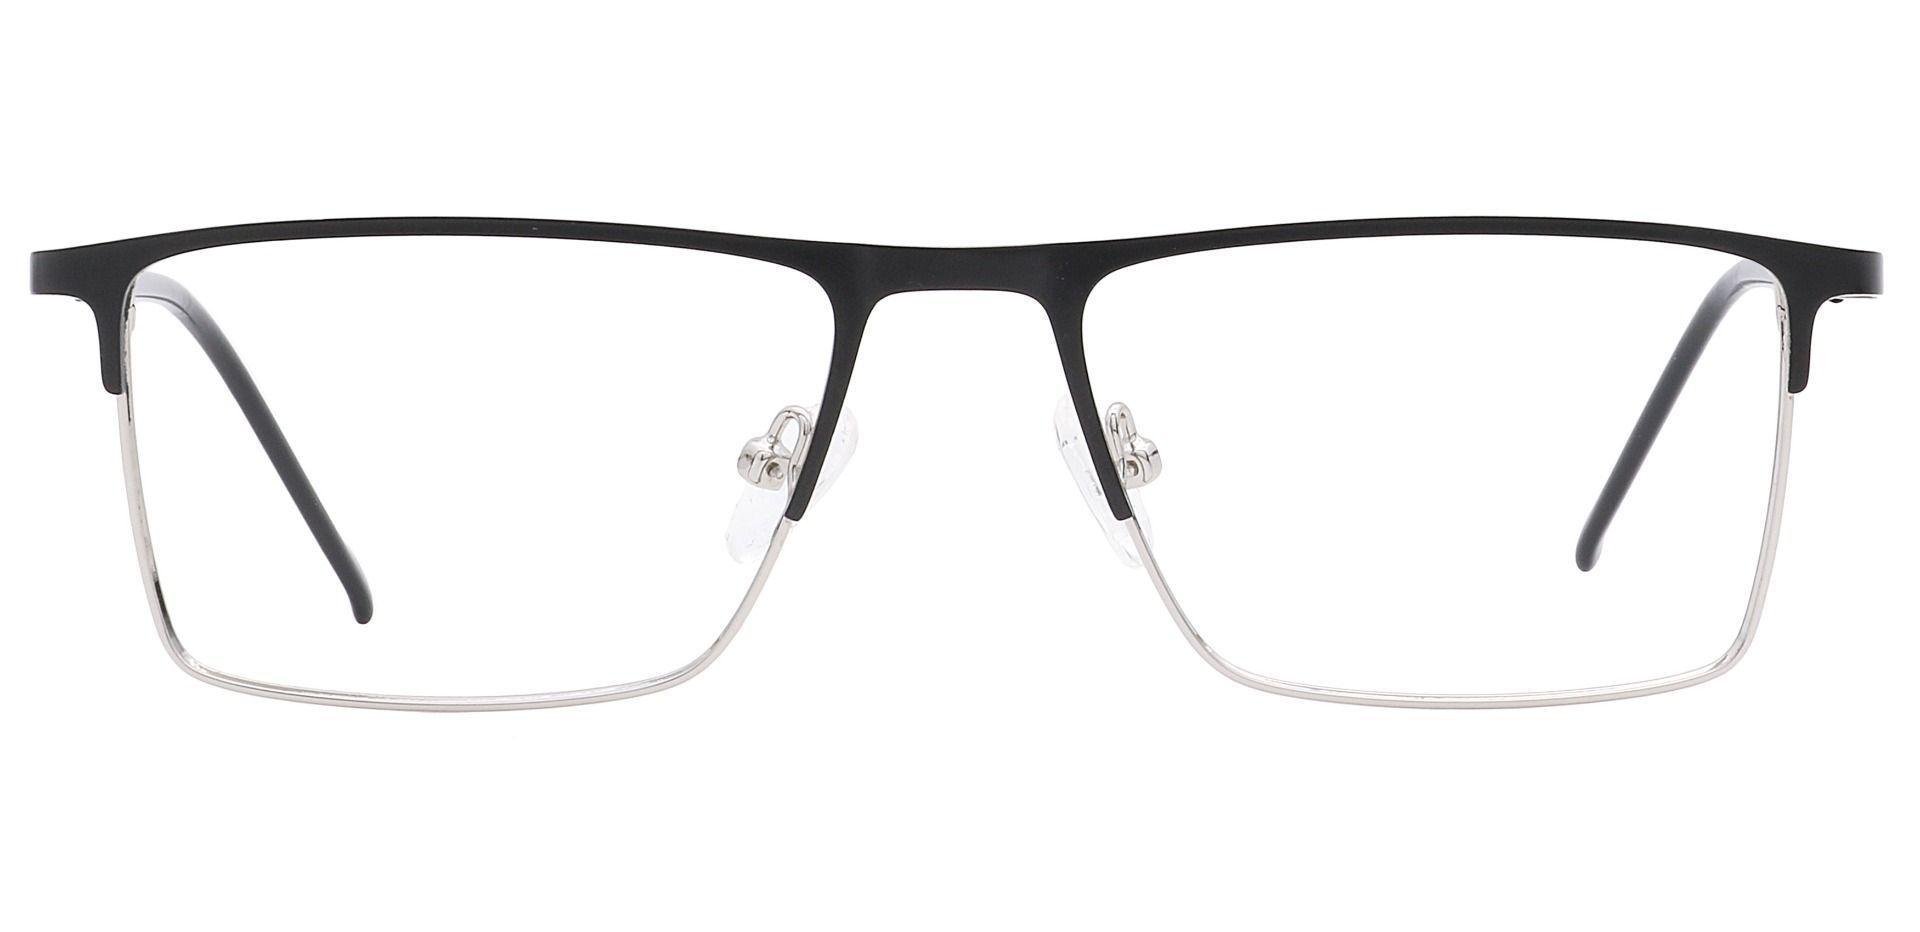 Arnold Rectangle Prescription Glasses - Black/silver